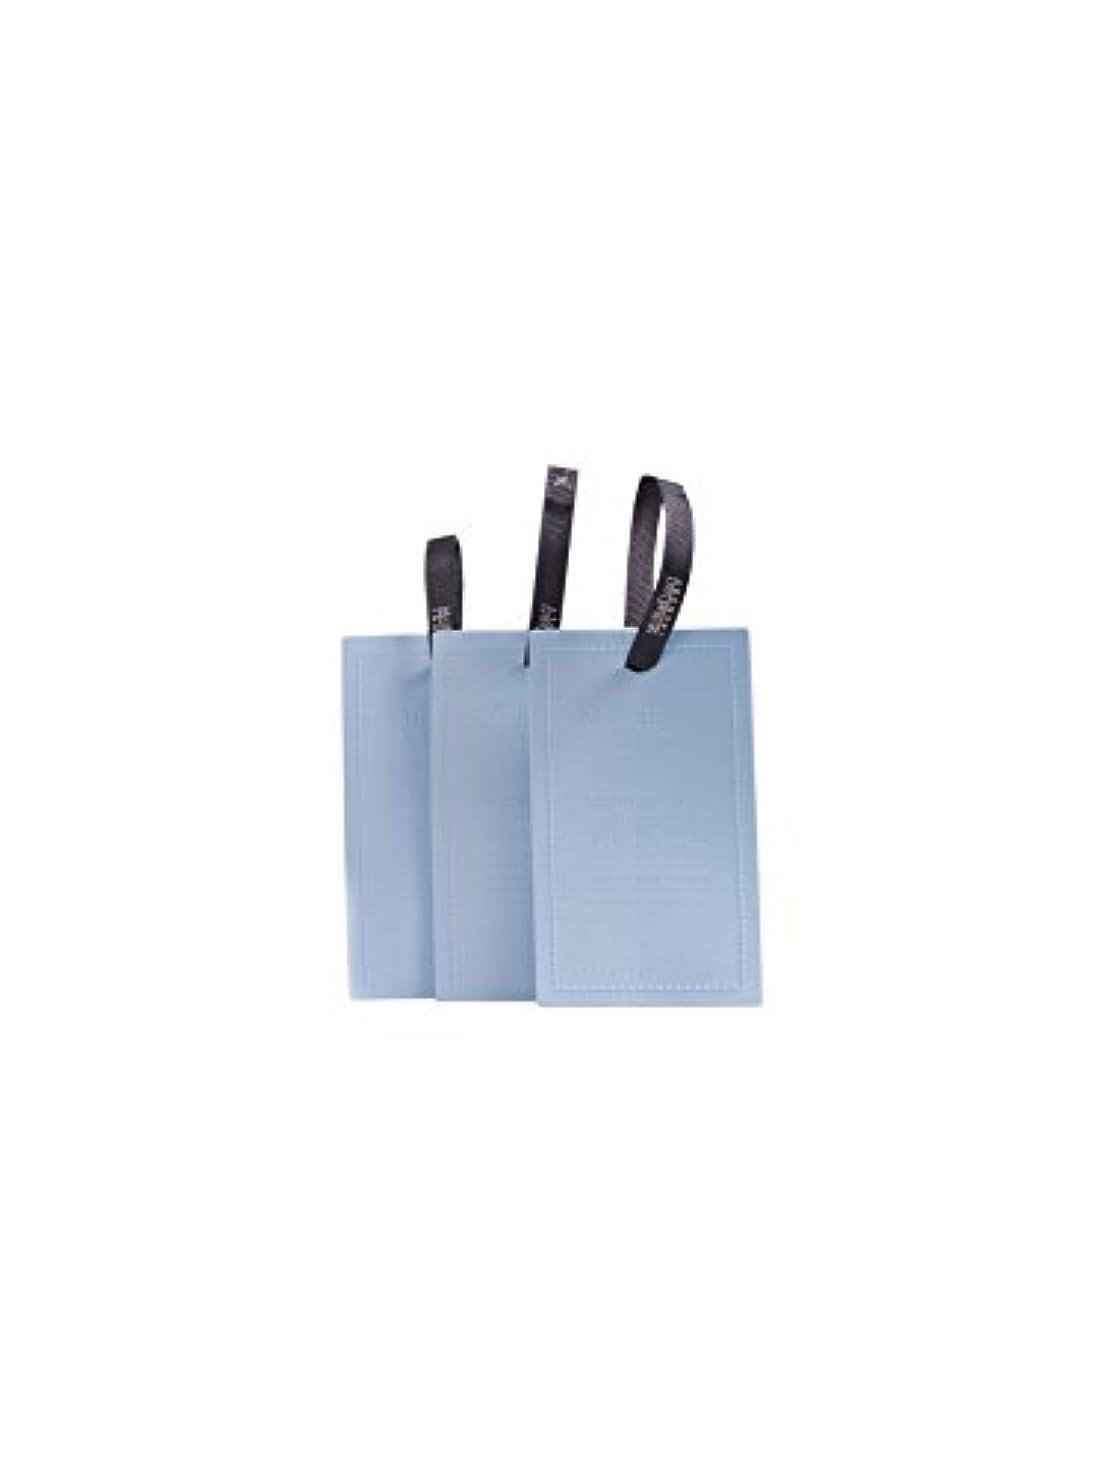 植生裁量葉を集めるMillefiori センテッドカード オーシャンウィンド CARD-A-004